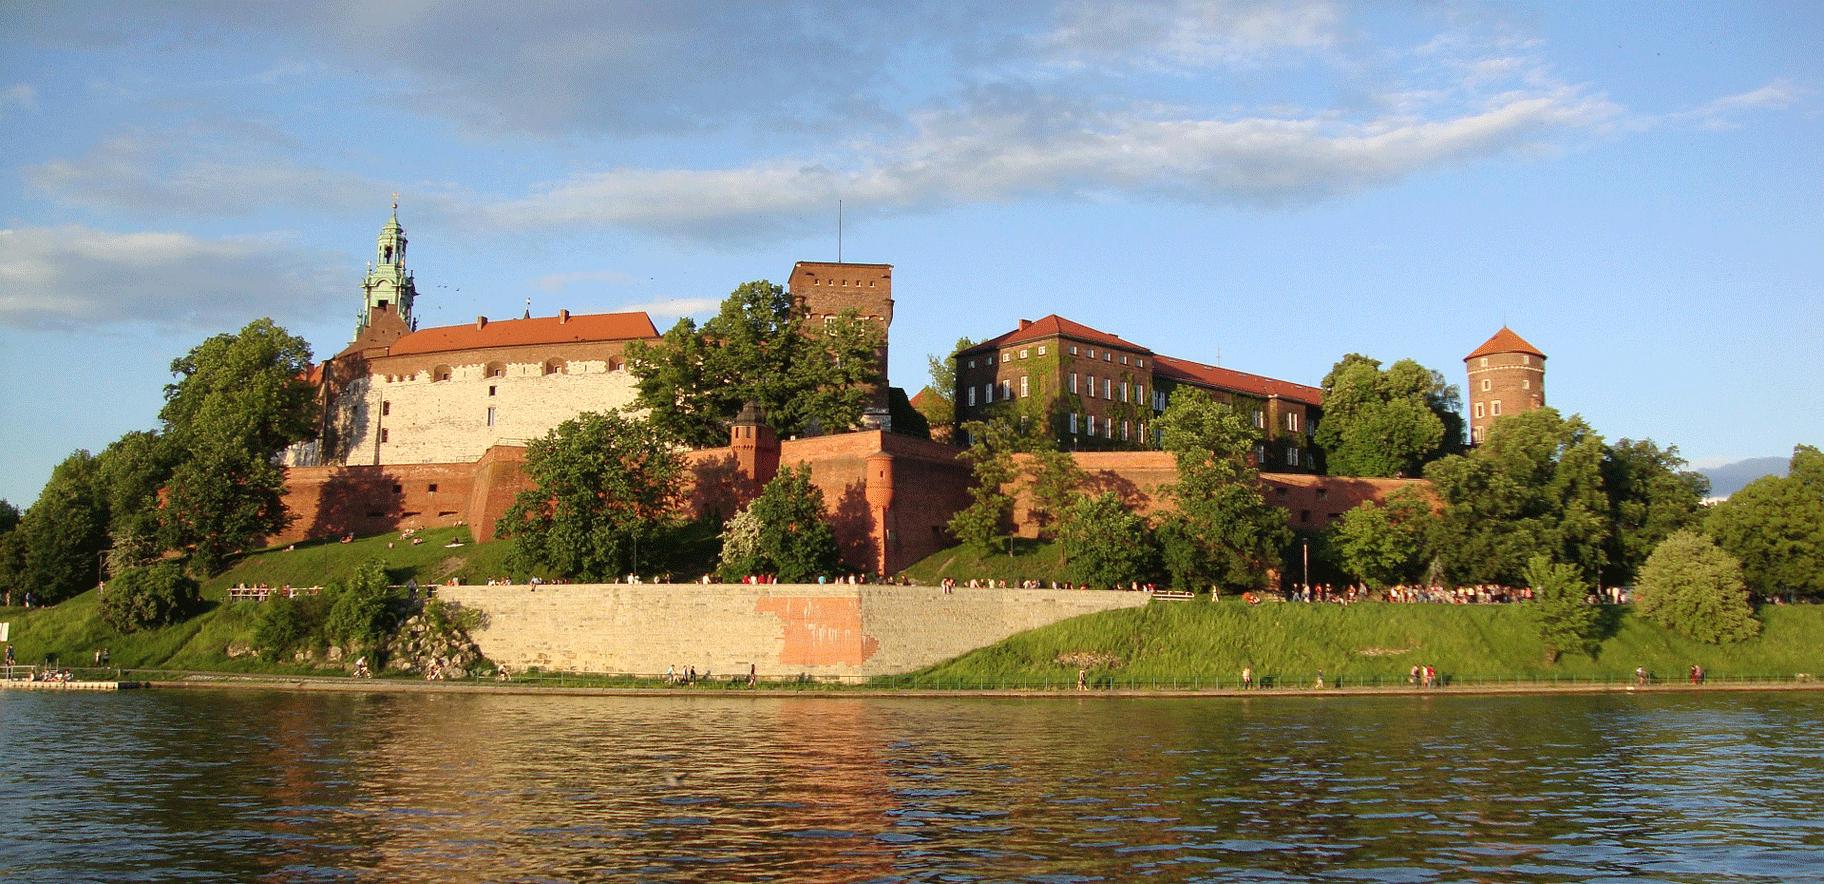 krakow-922090_1920